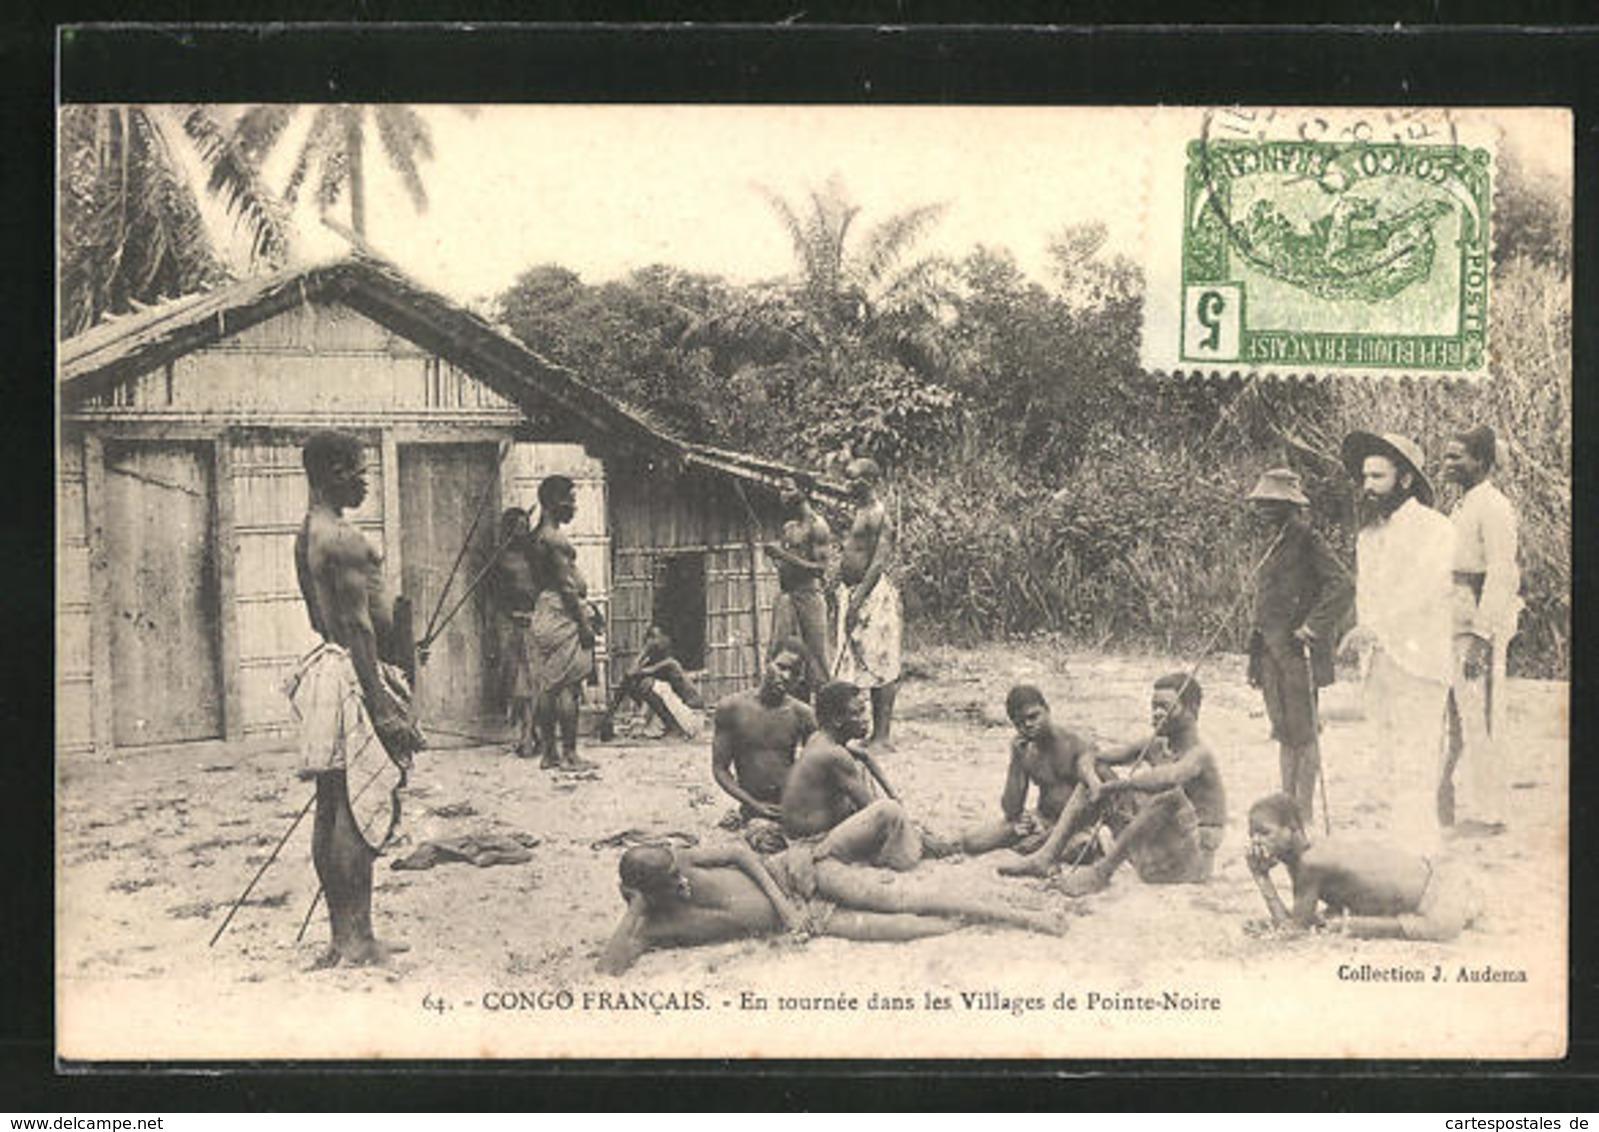 CPA Congo Francais-Pointe-Noire, En Tournee Dans Les Villages - Ethniques & Cultures